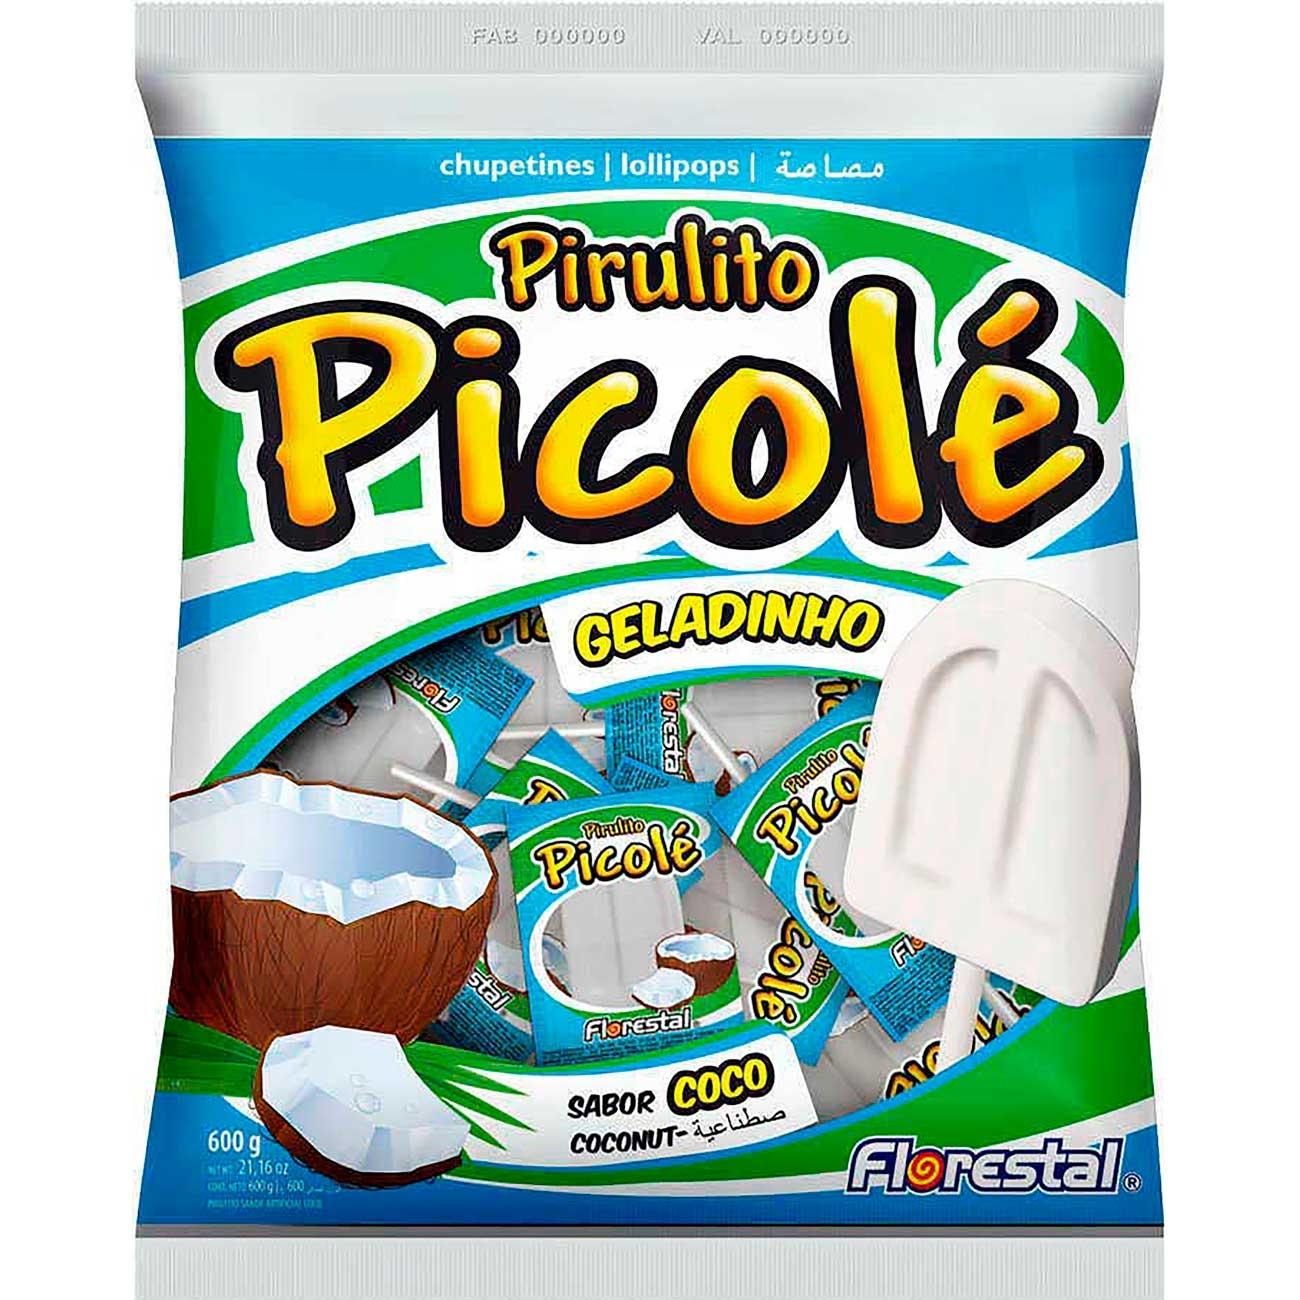 Pirulito Florestal Picol� Coco | Caixa com 150 unidades